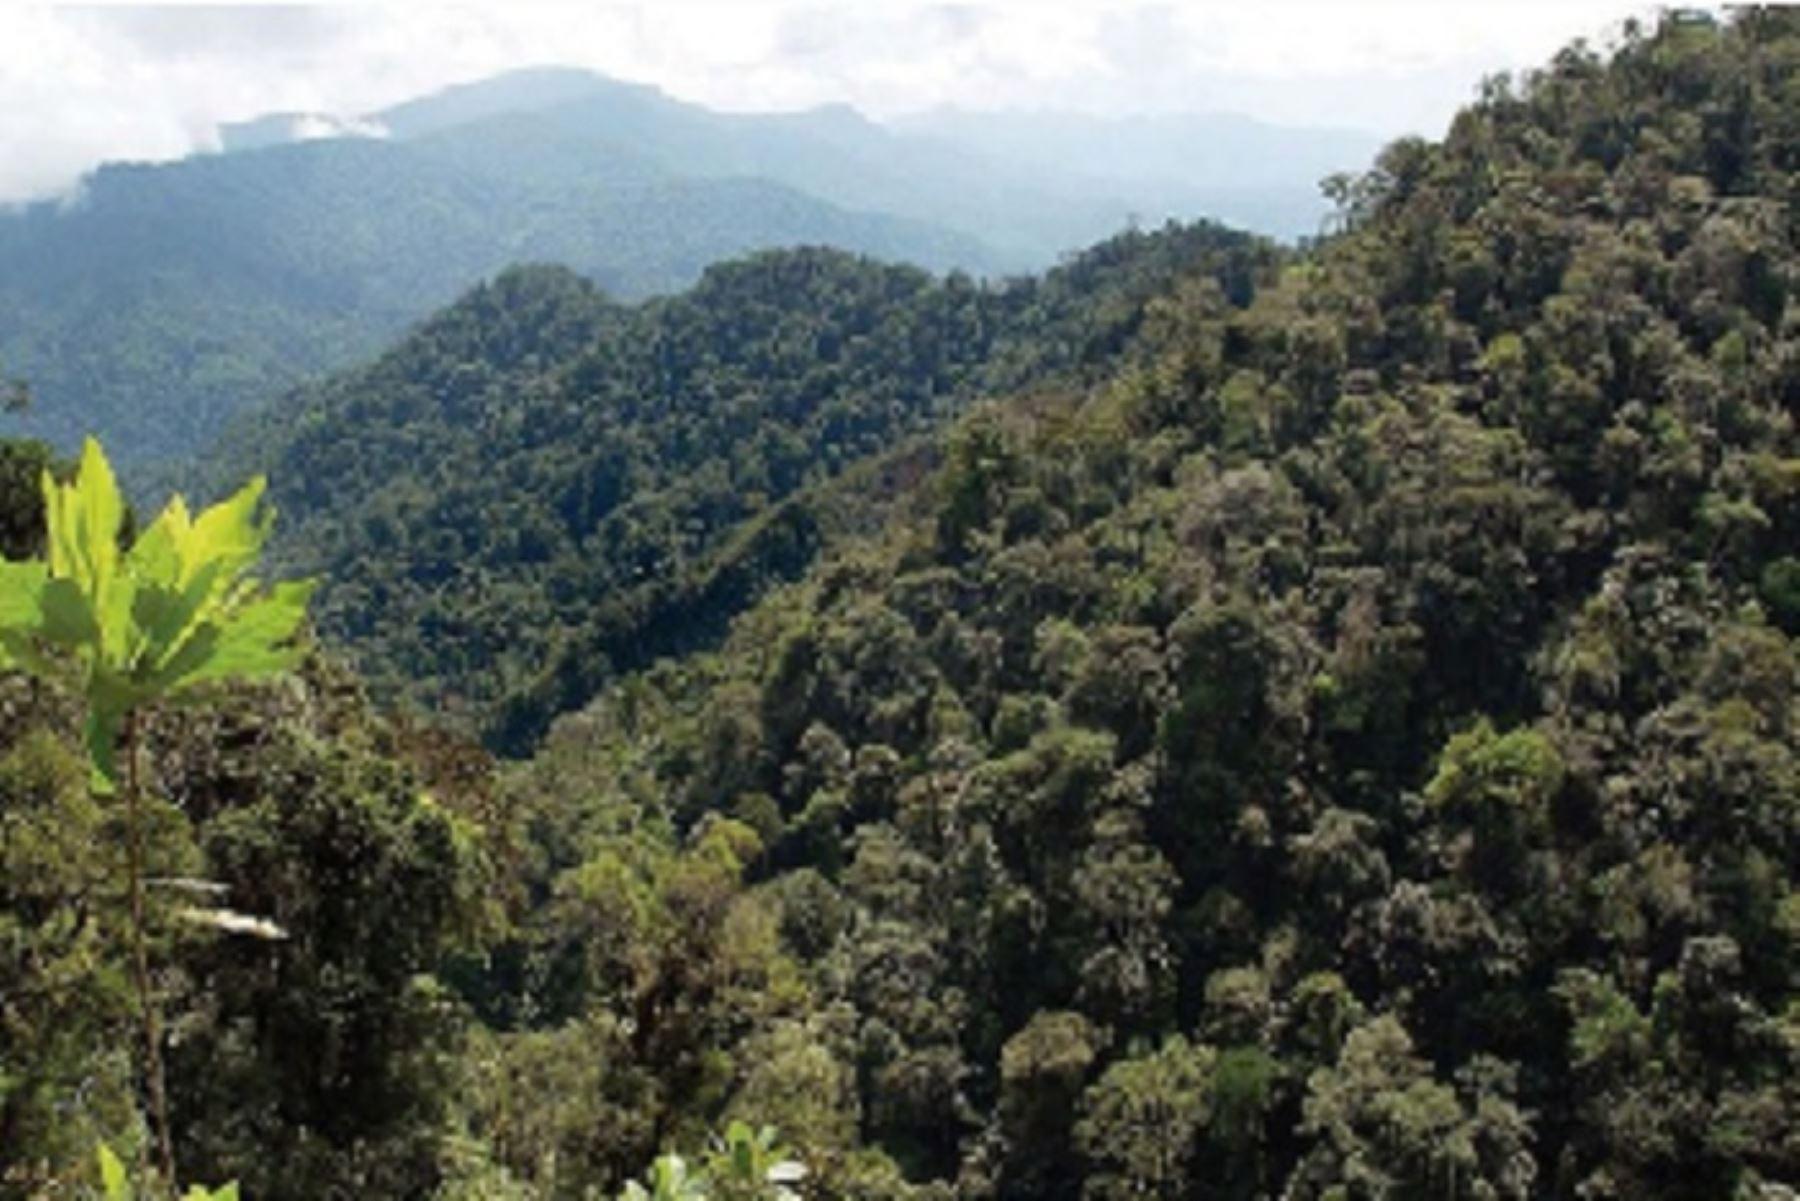 El programa Bosques logró que 274 comunidades indígenas y campesinas de nueve departamentos accedieran a un incentivo económico para el desarrollo de sus actividades productivas sin deforestación.